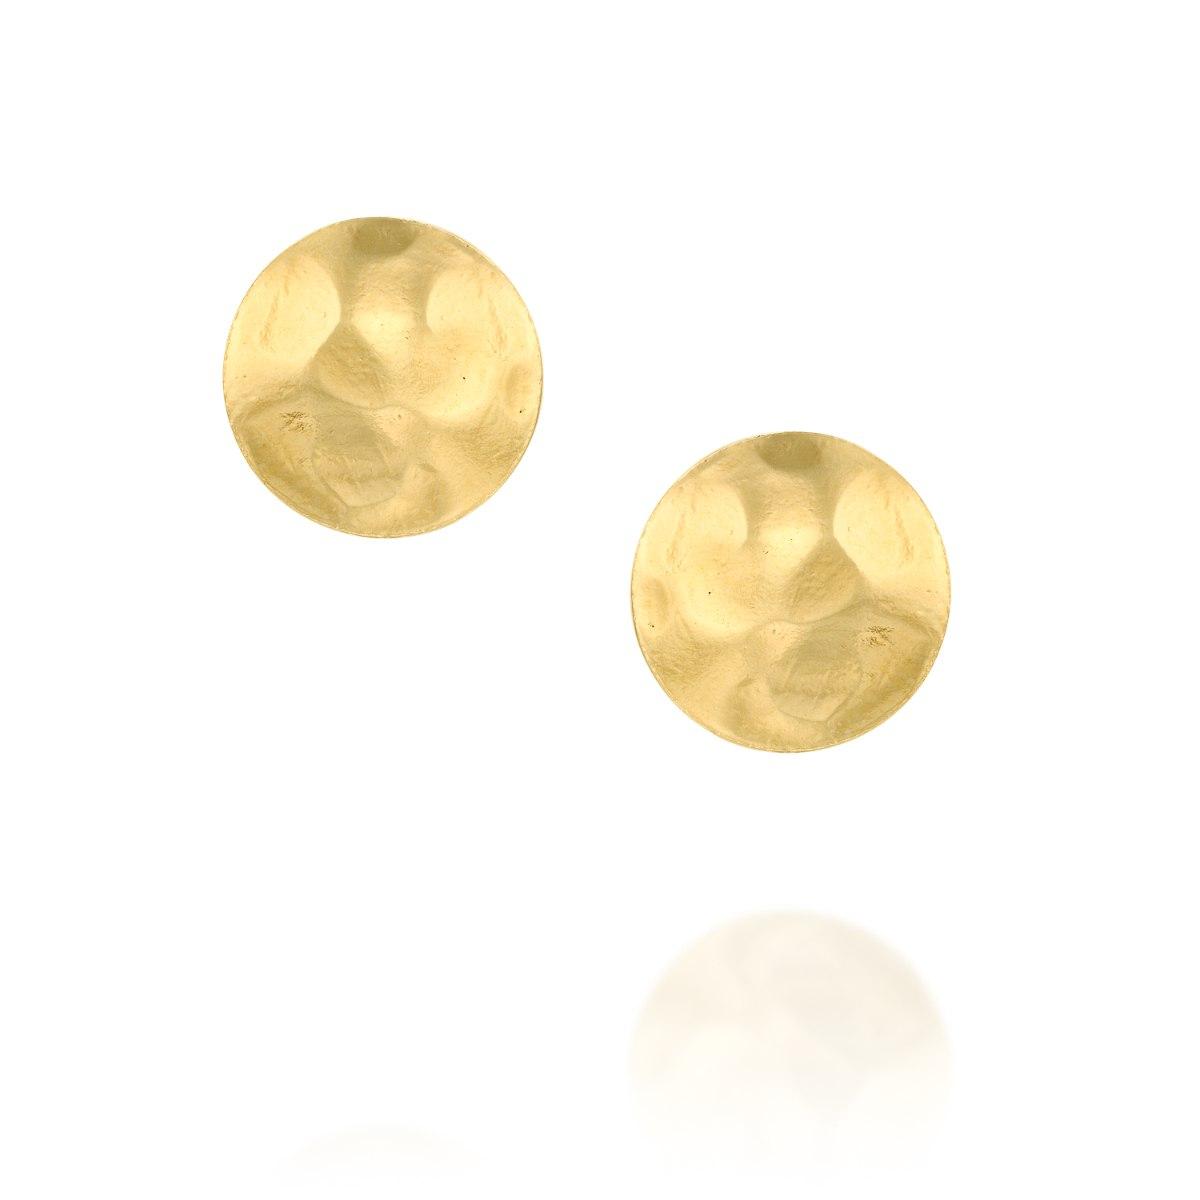 עגיל צמוד ציפוי זהב 1 מיקרון עיגול מרוקע נועה טריפ noa tripp